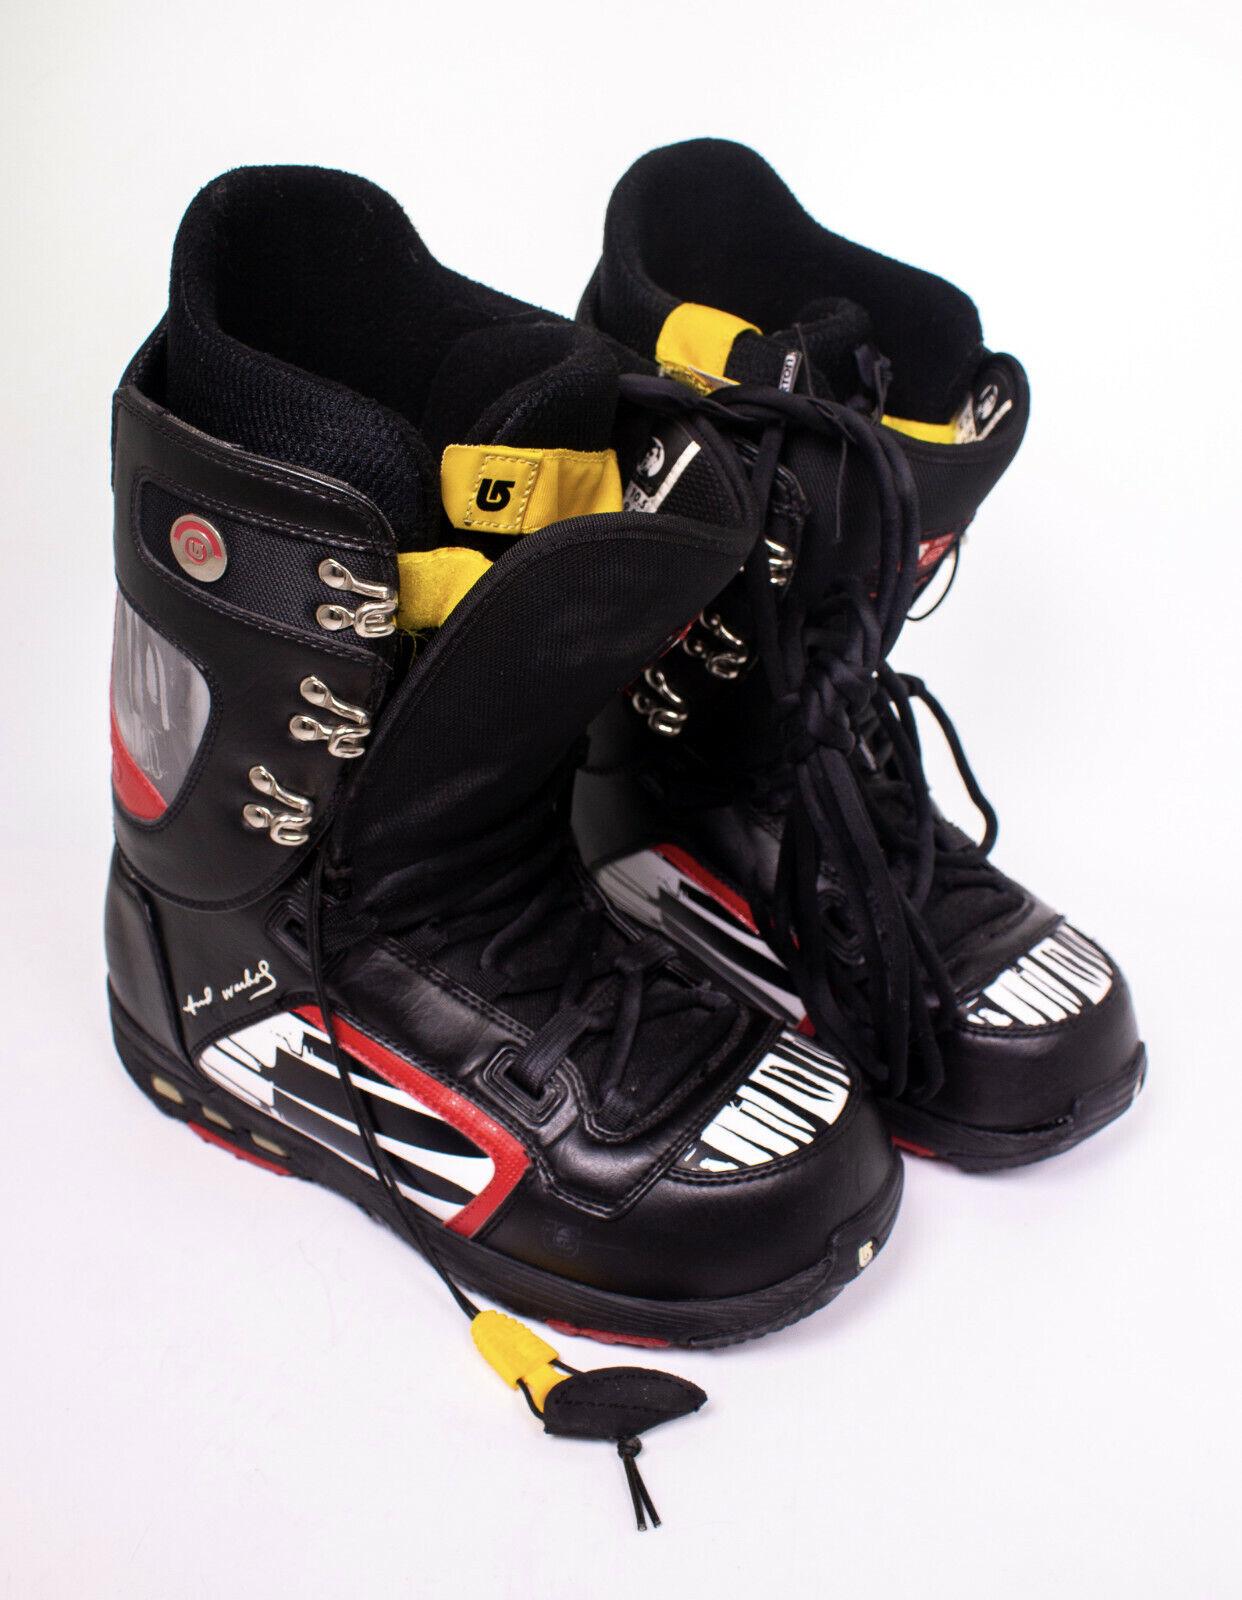 Burton Andy Warhol Snowboard Stiefel Größe 10.5